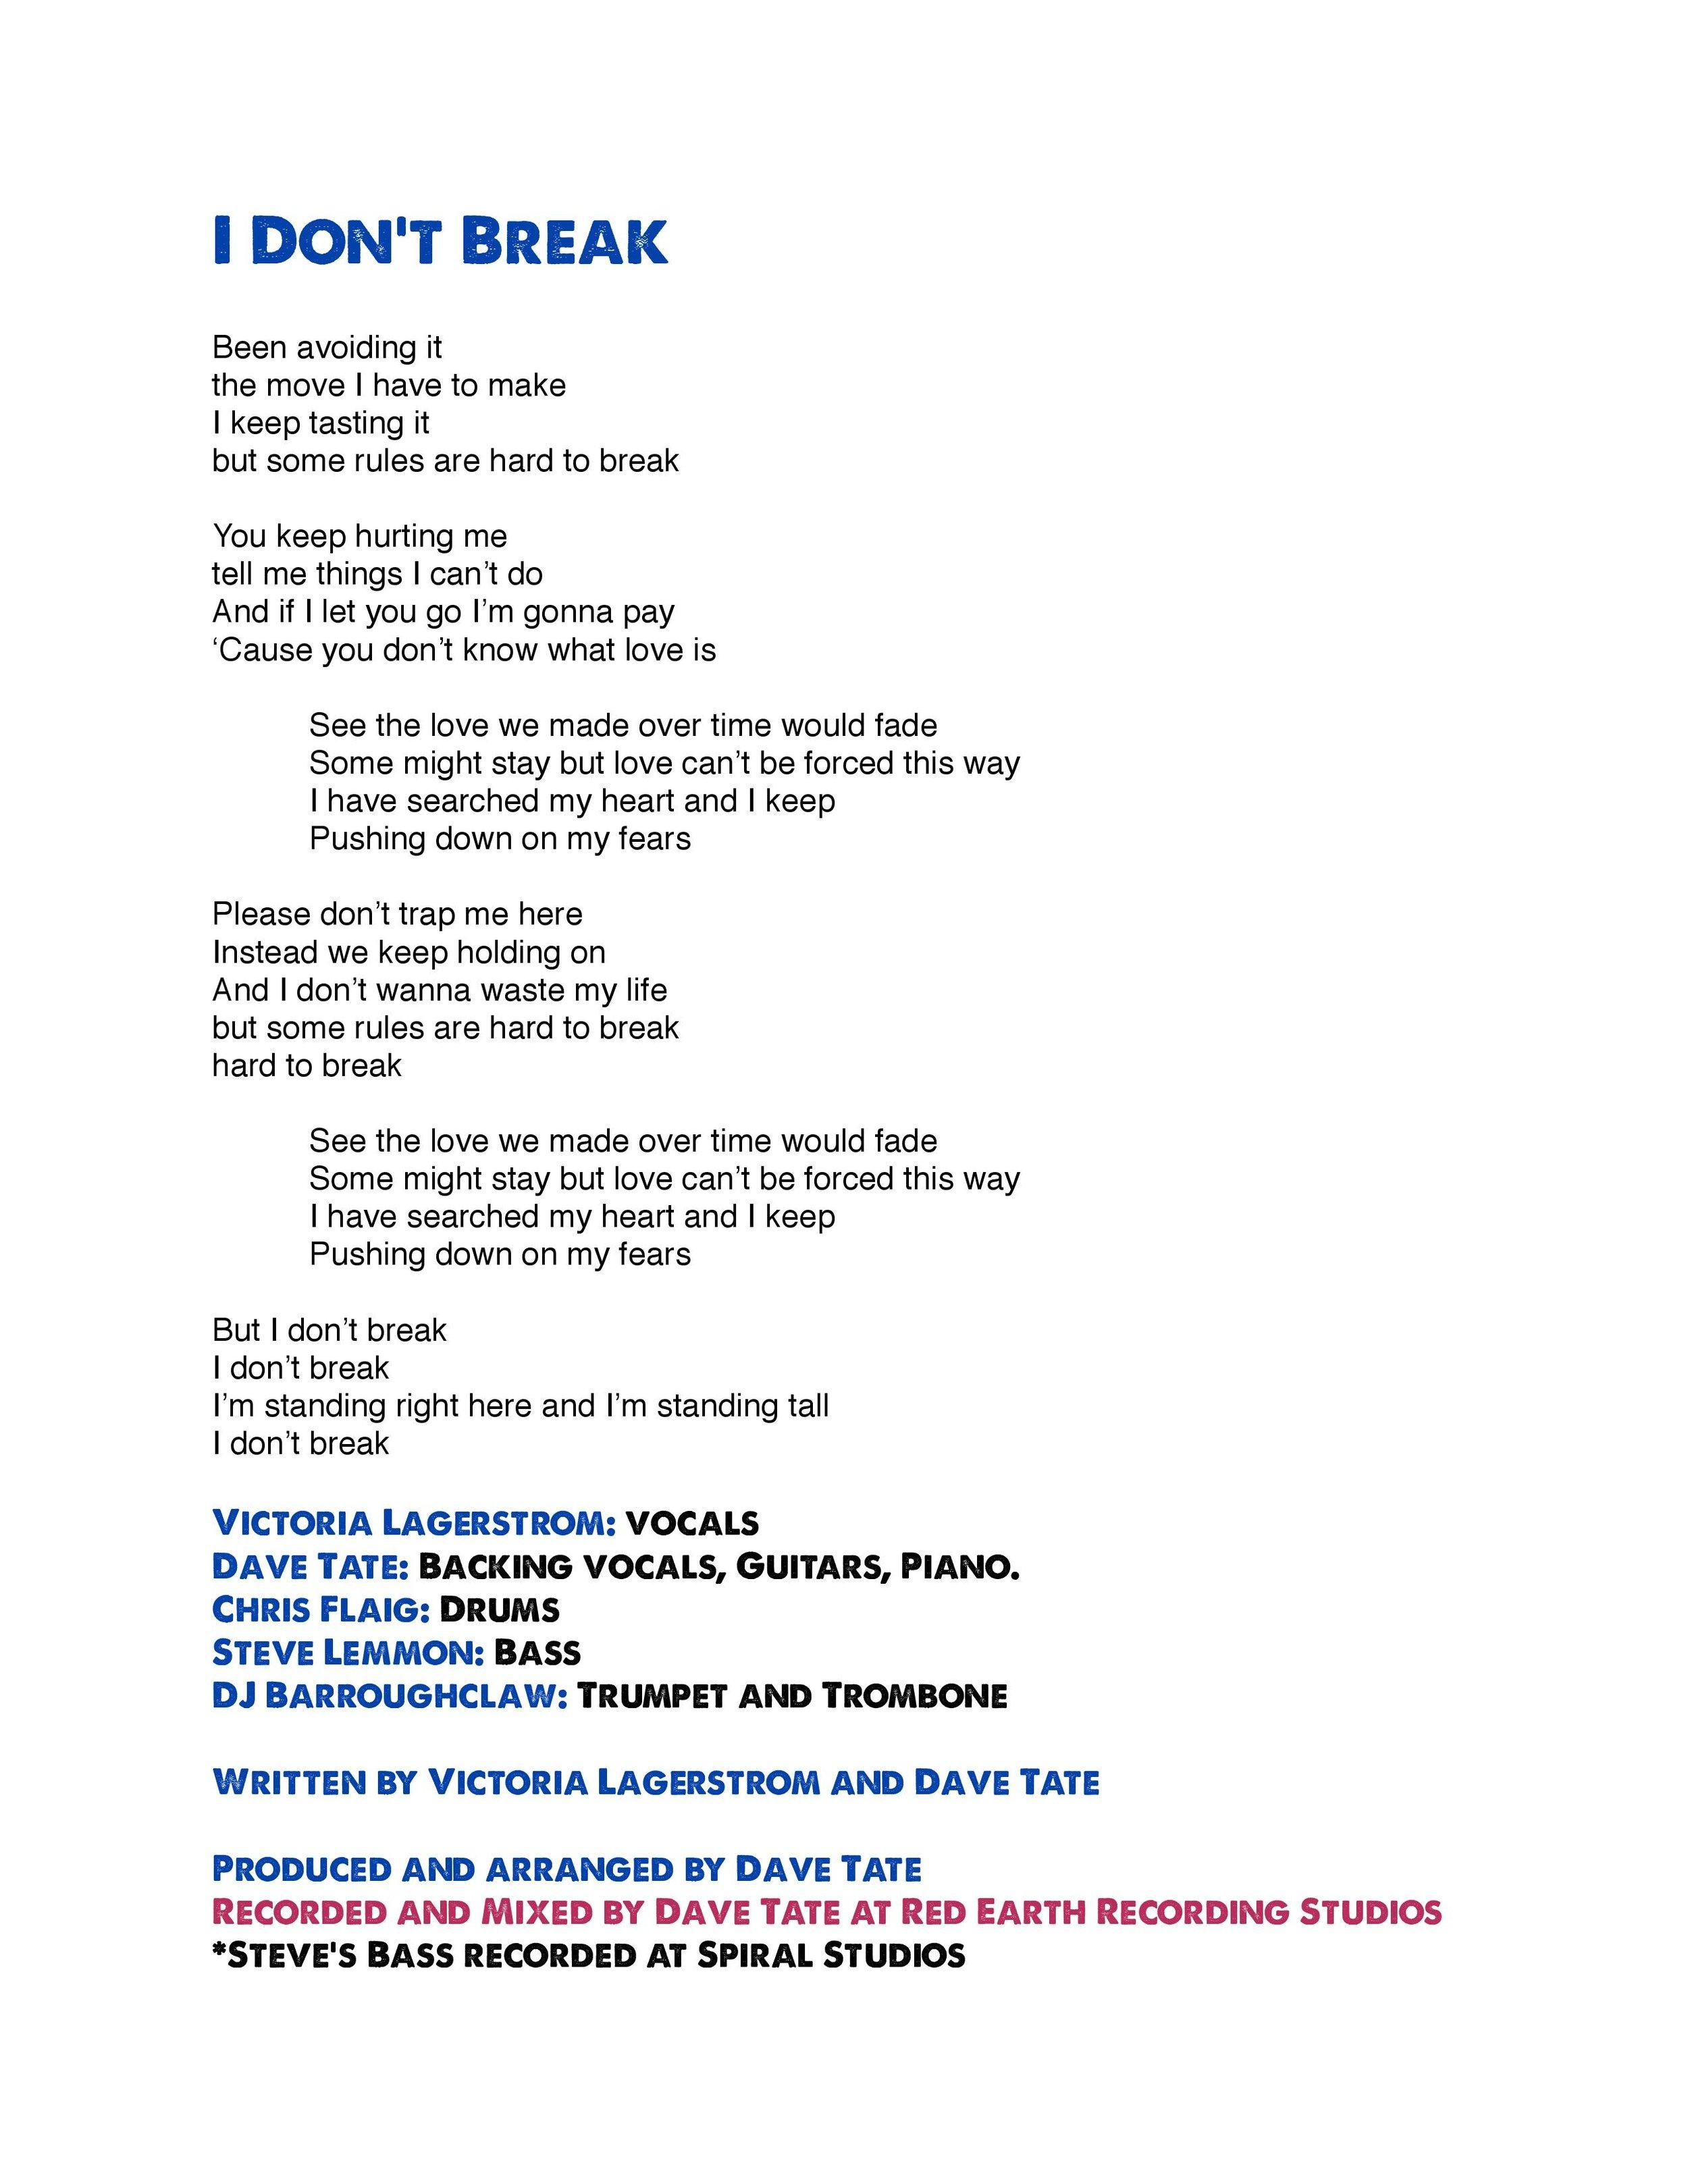 4 I Don t Break Lyrics-page-001.jpg